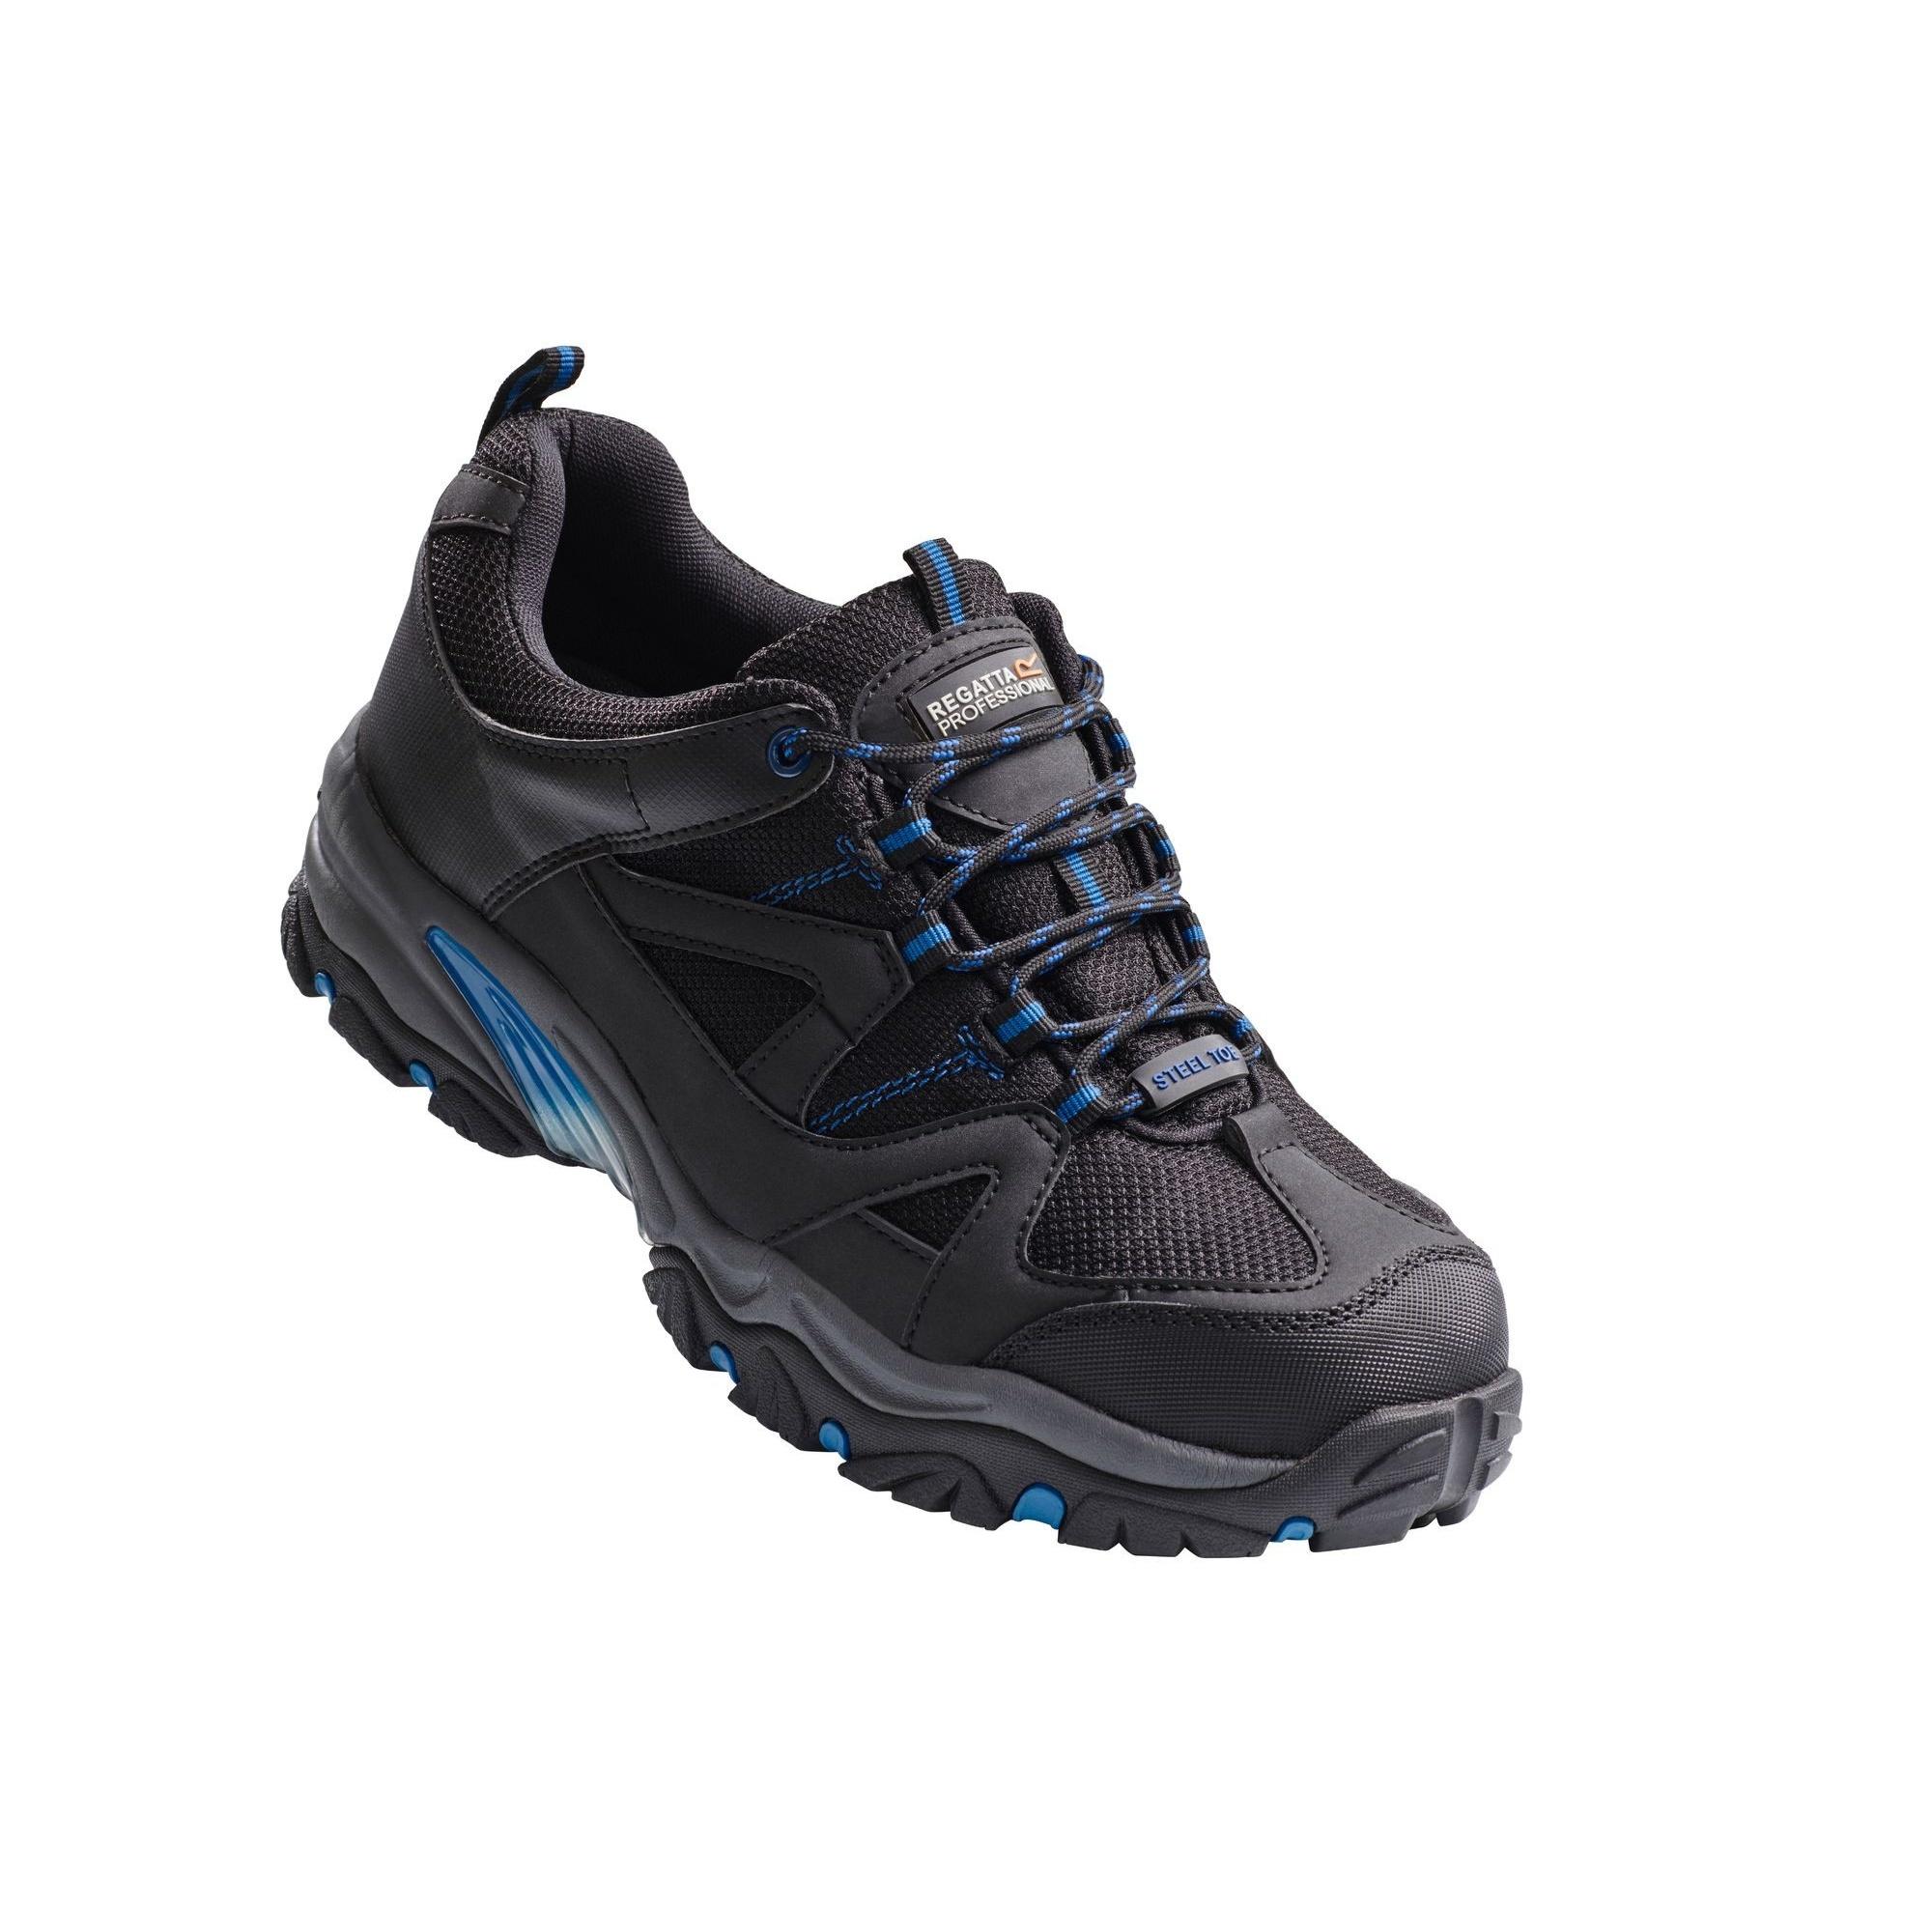 Regatta-Hardwear-Herren-Riverbeck-breite-Safety-Trainers